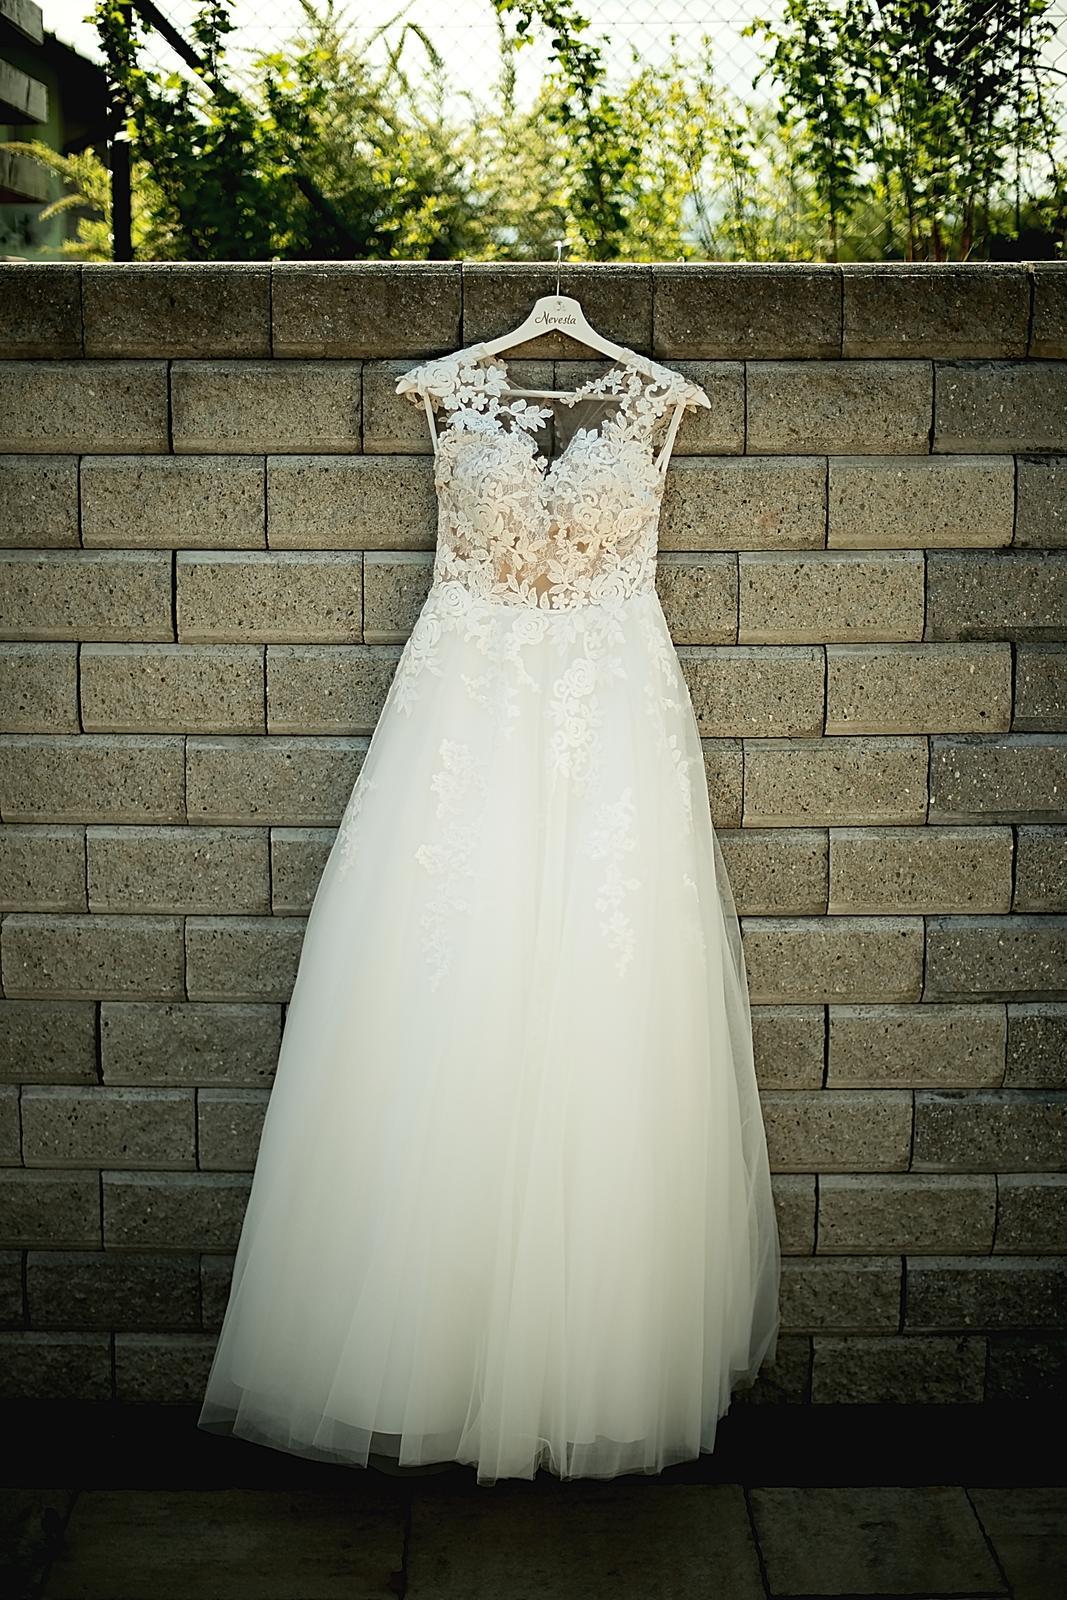 svadobné šaty Pronovias, model FELICIDAD - Obrázok č. 1